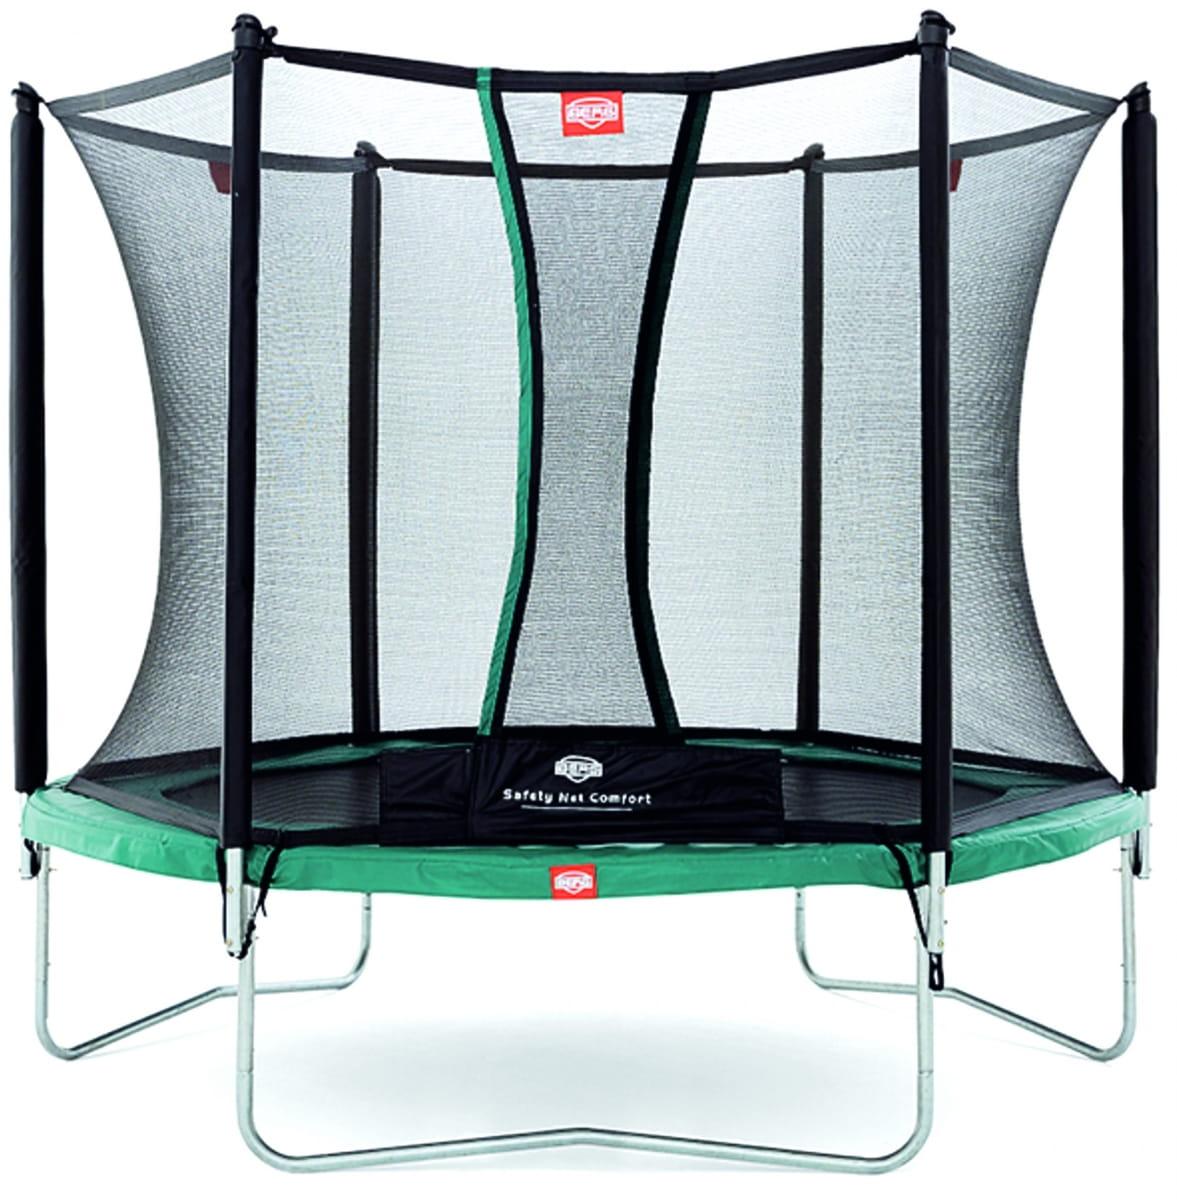 Батут BERG Talent с защитной сеткой Safety Net Comfort - 240 см